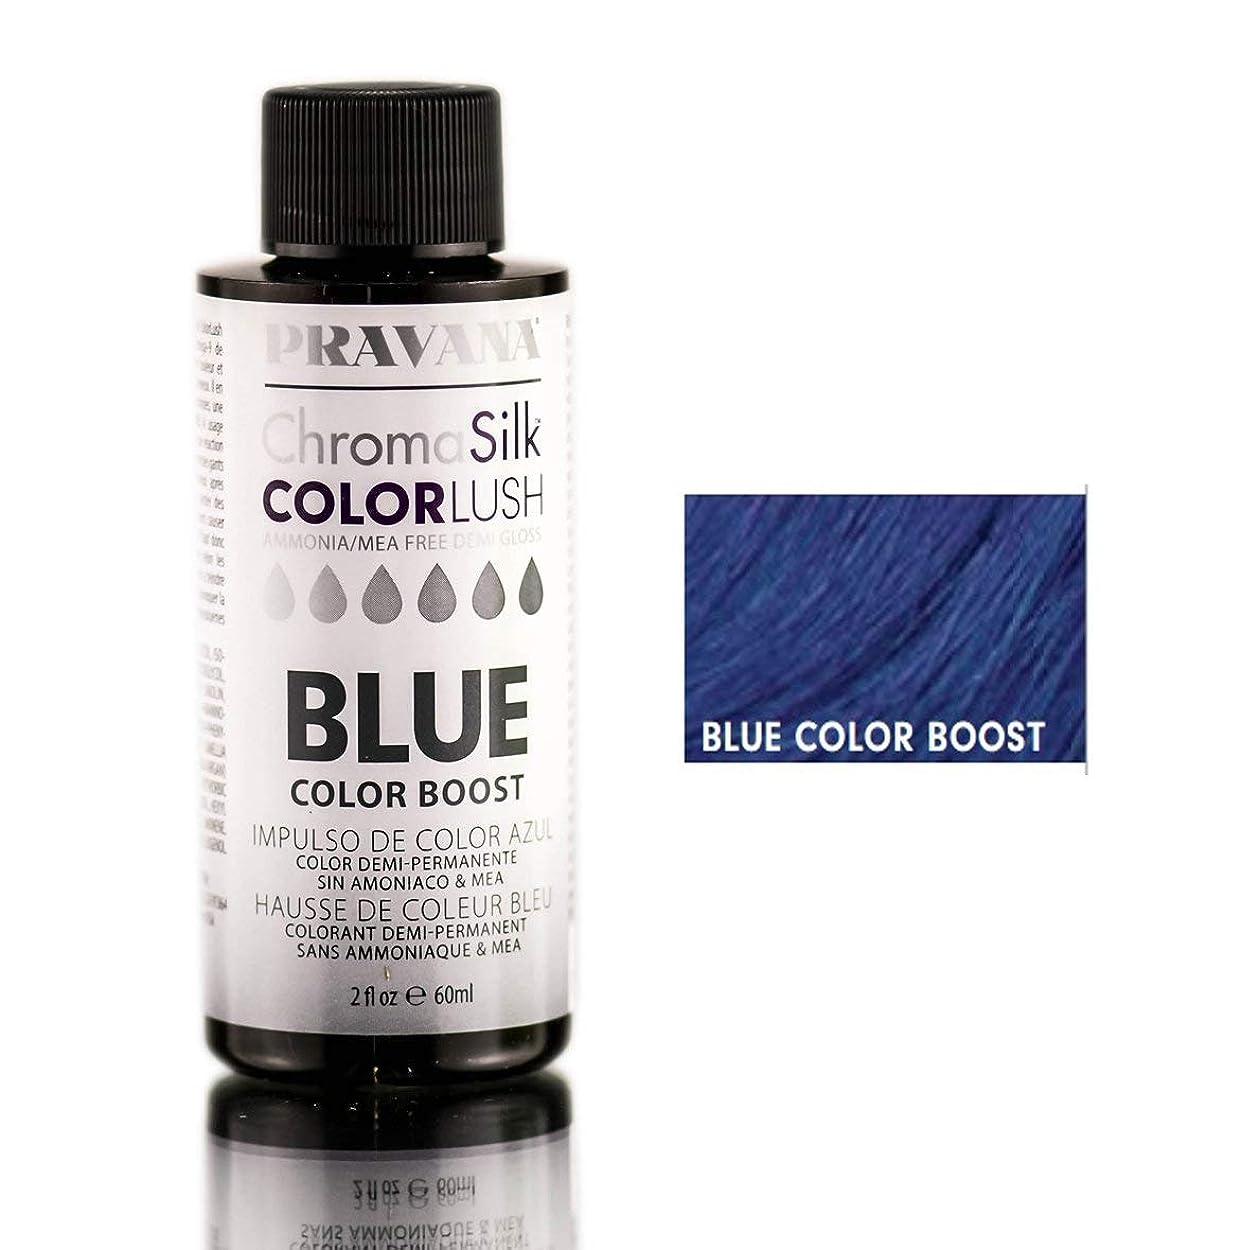 下手モーション背の高いPravana ChromaSilk ColorLush色ブースト - ブルー/ 2オンス